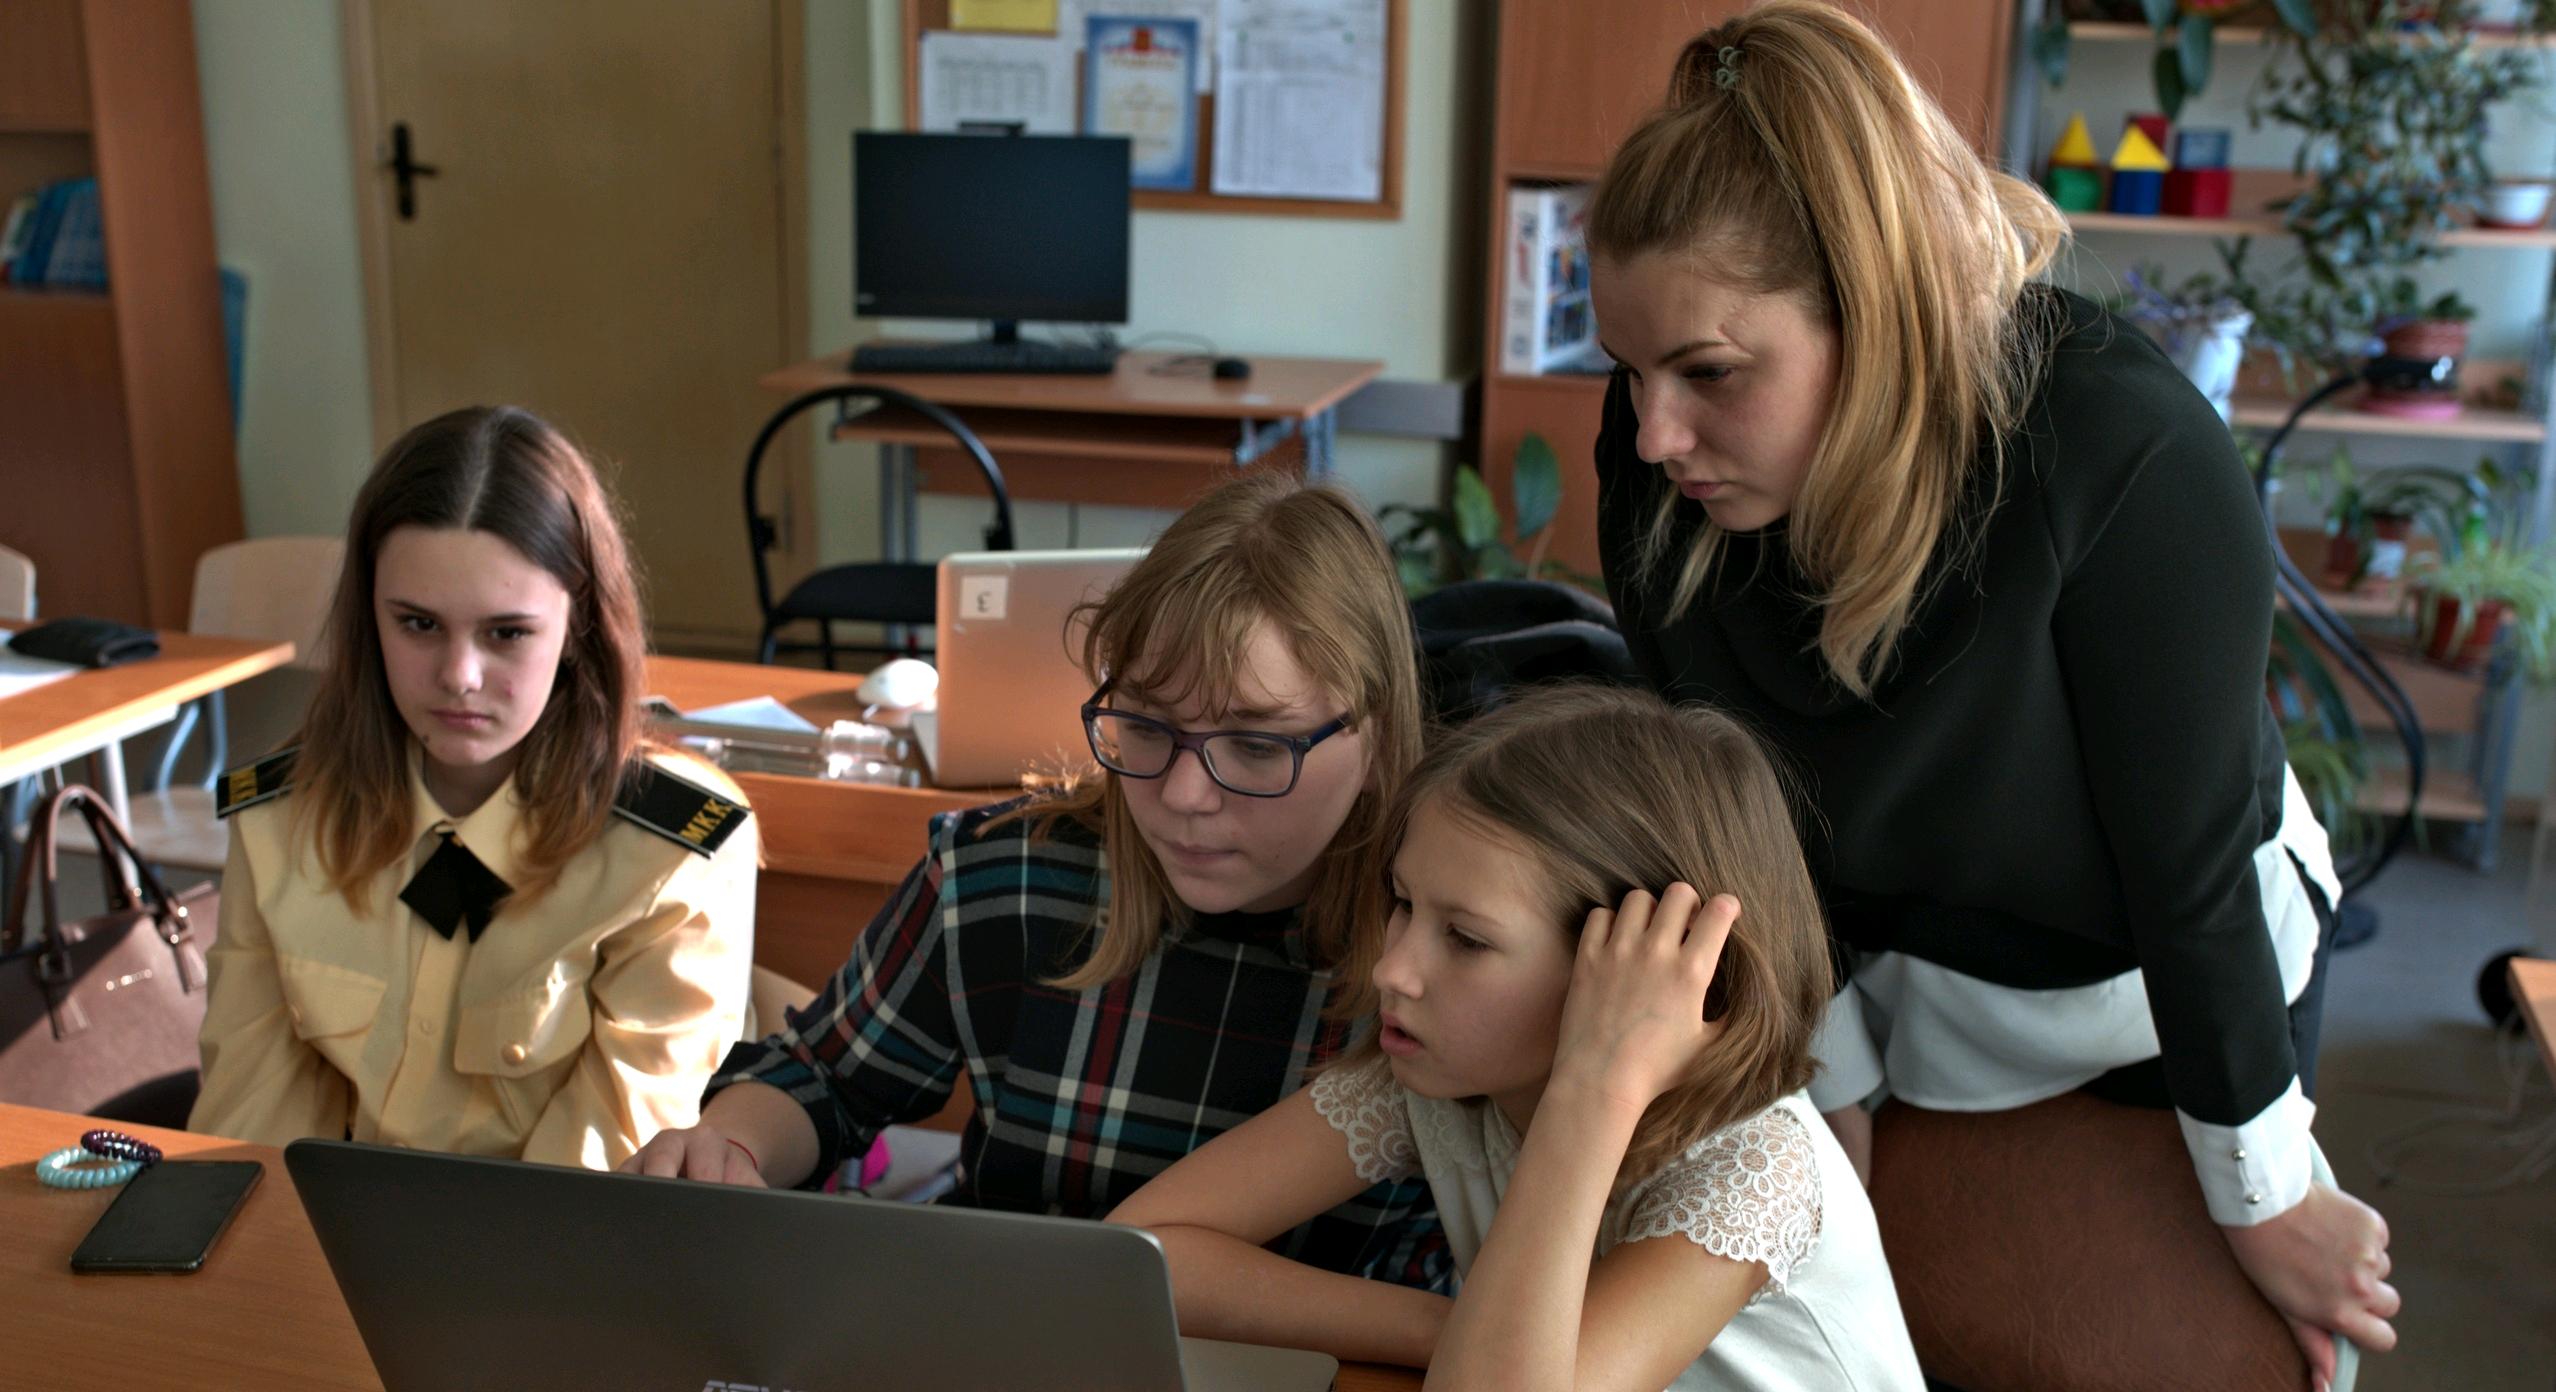 Школьники из Новой Москвы снимут документальный видеоролик